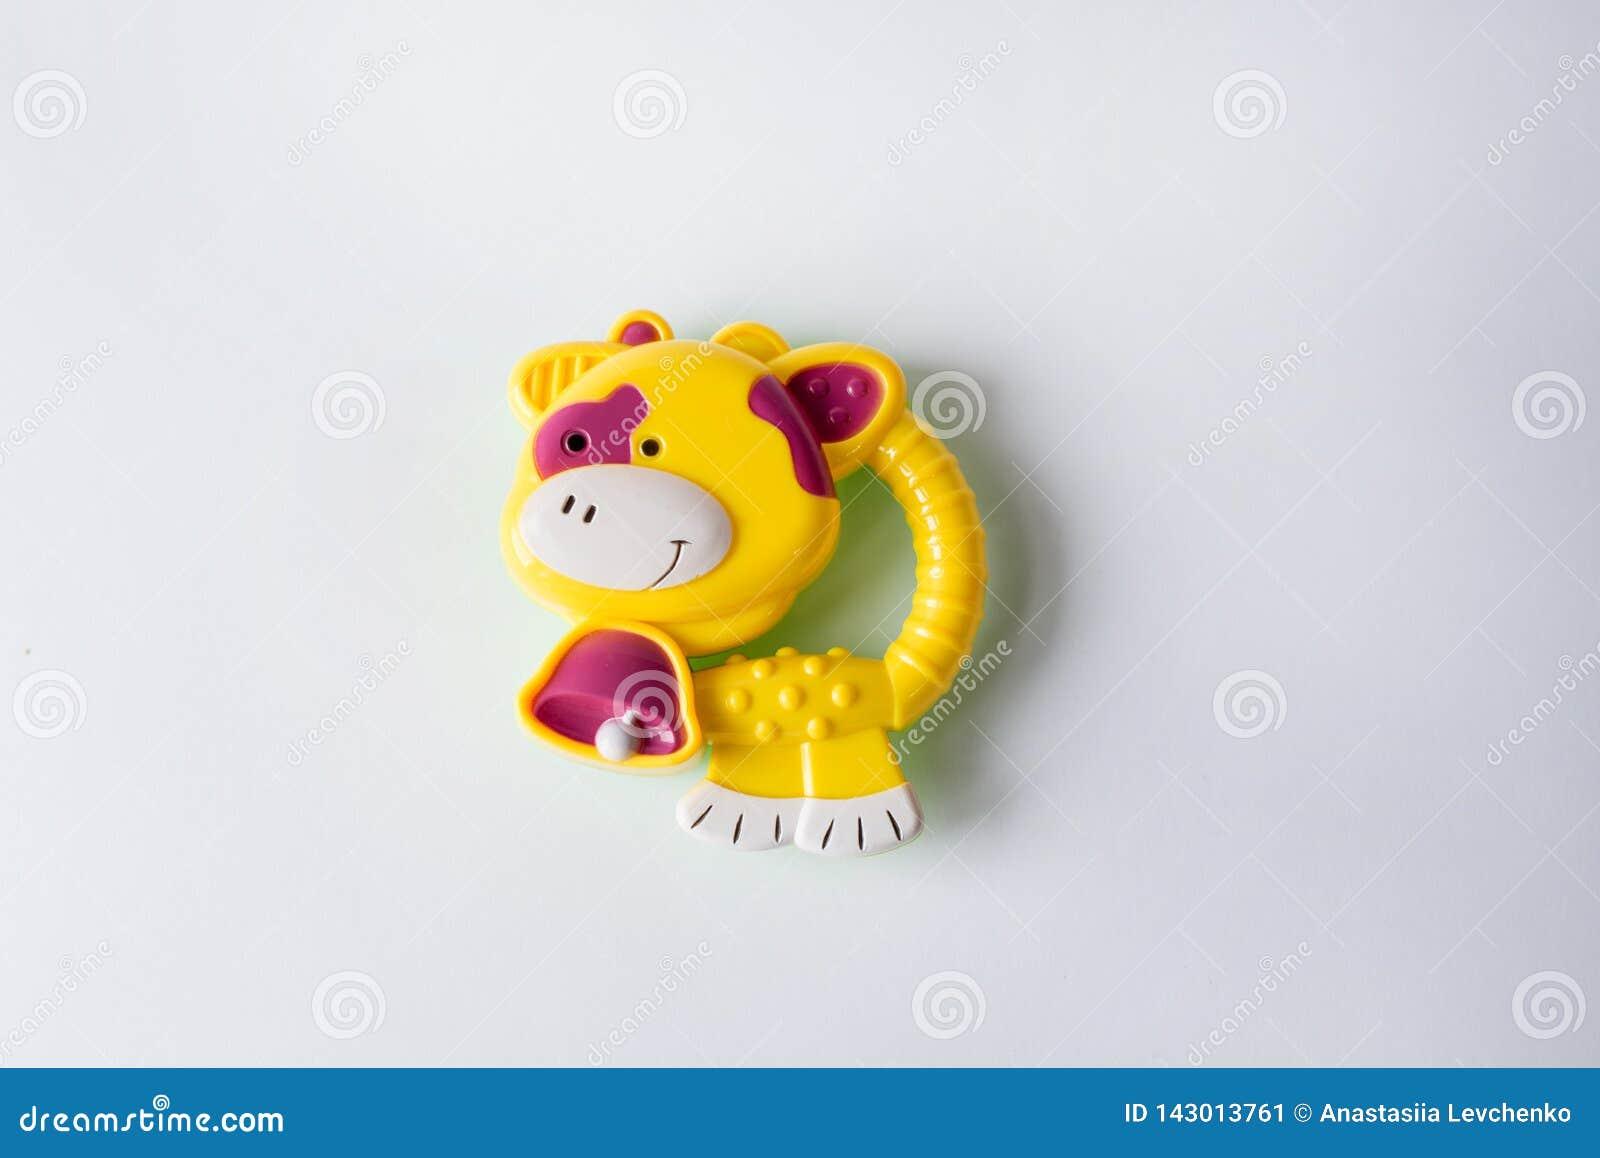 Zabawkarska żółta krowa odizolowywająca na białym tle zabawki dla dzieci i nowonarodzony